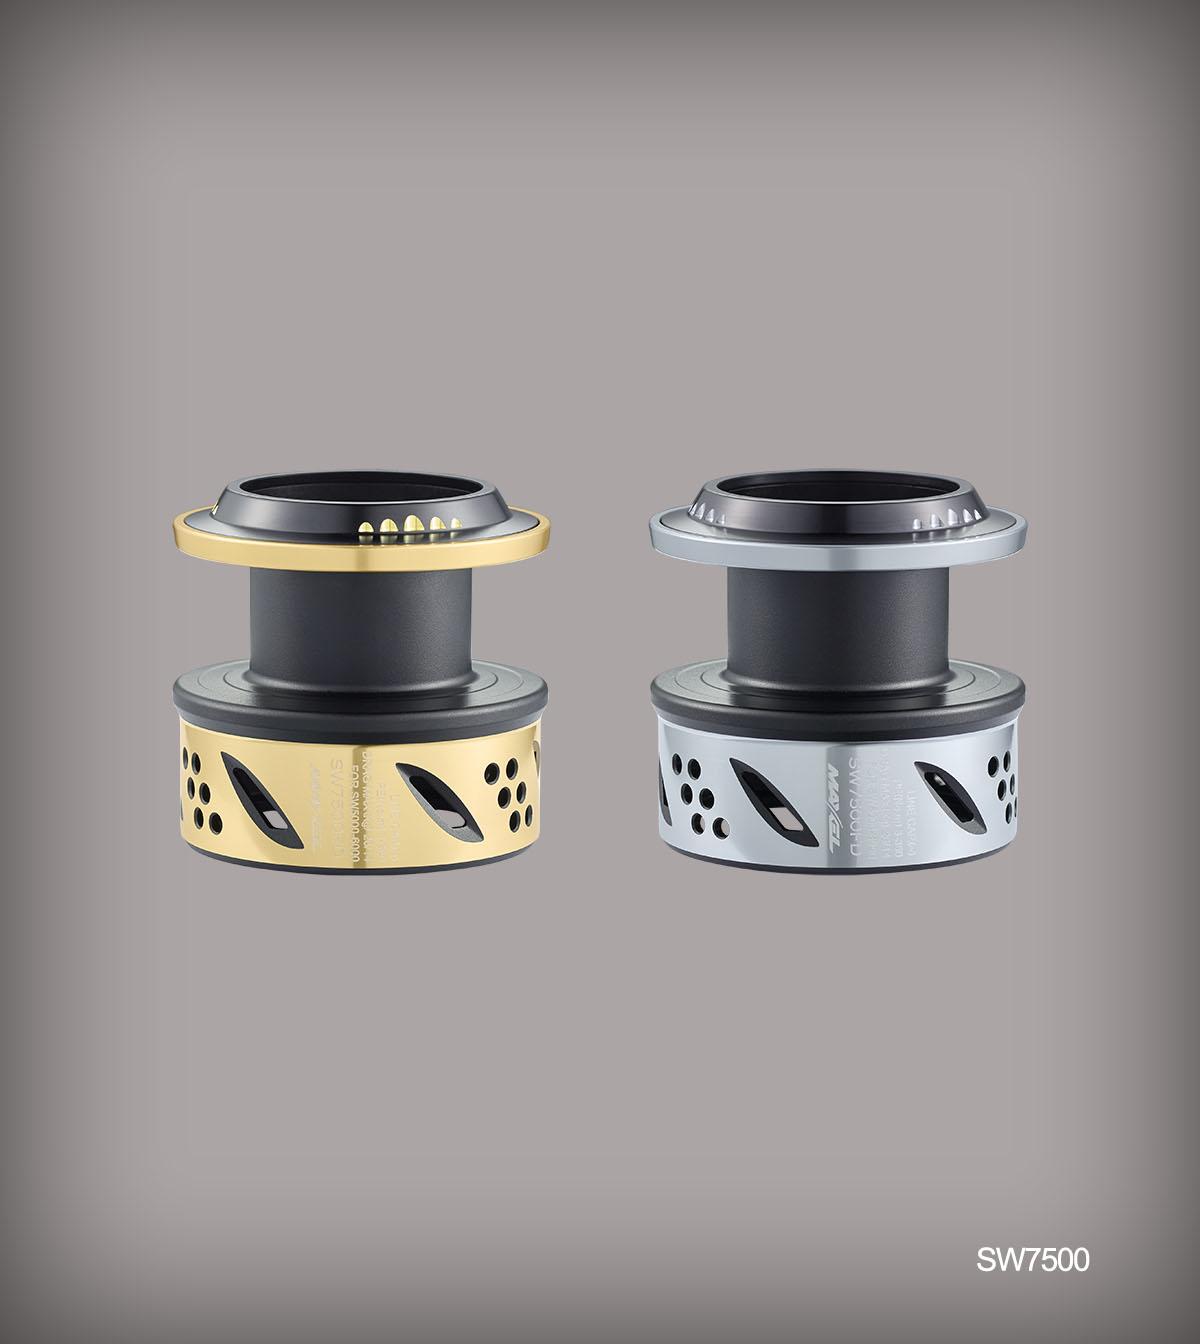 升级改装Shimano纺车轮线杯